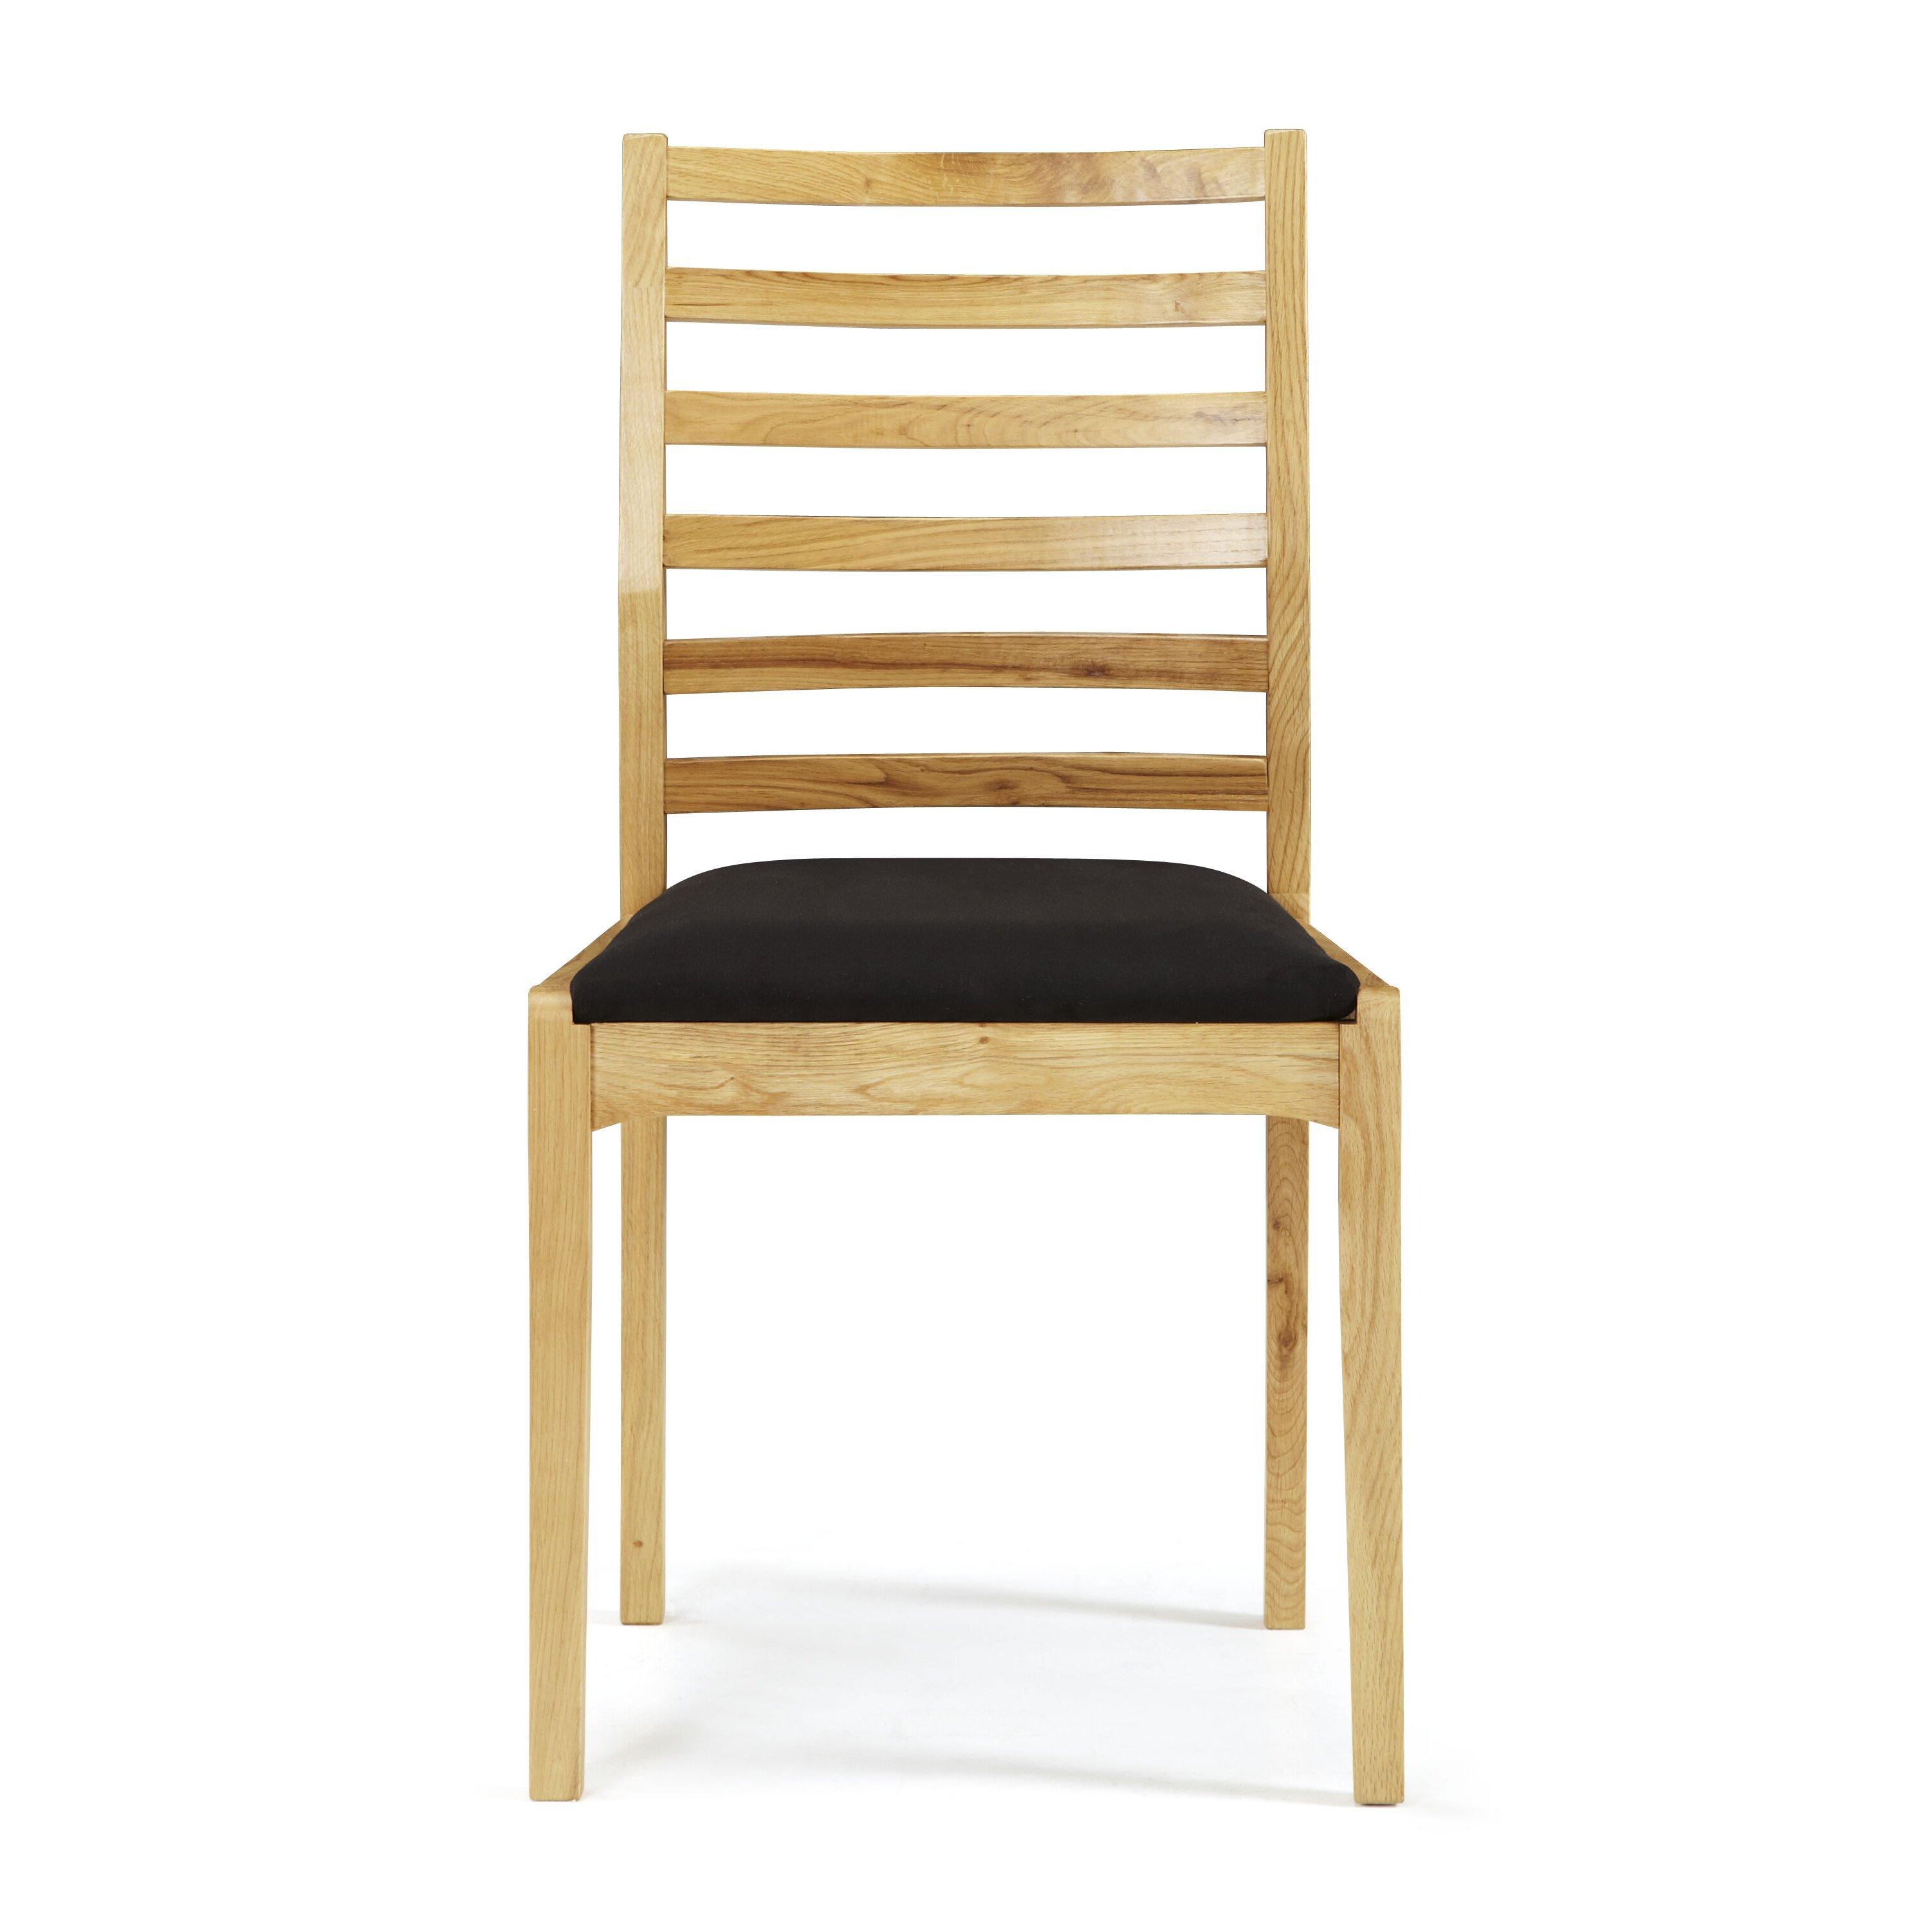 Hallowood Furniture Oak Upholstered Dining Chair Wayfair Uk Hallowood Furniture Oak